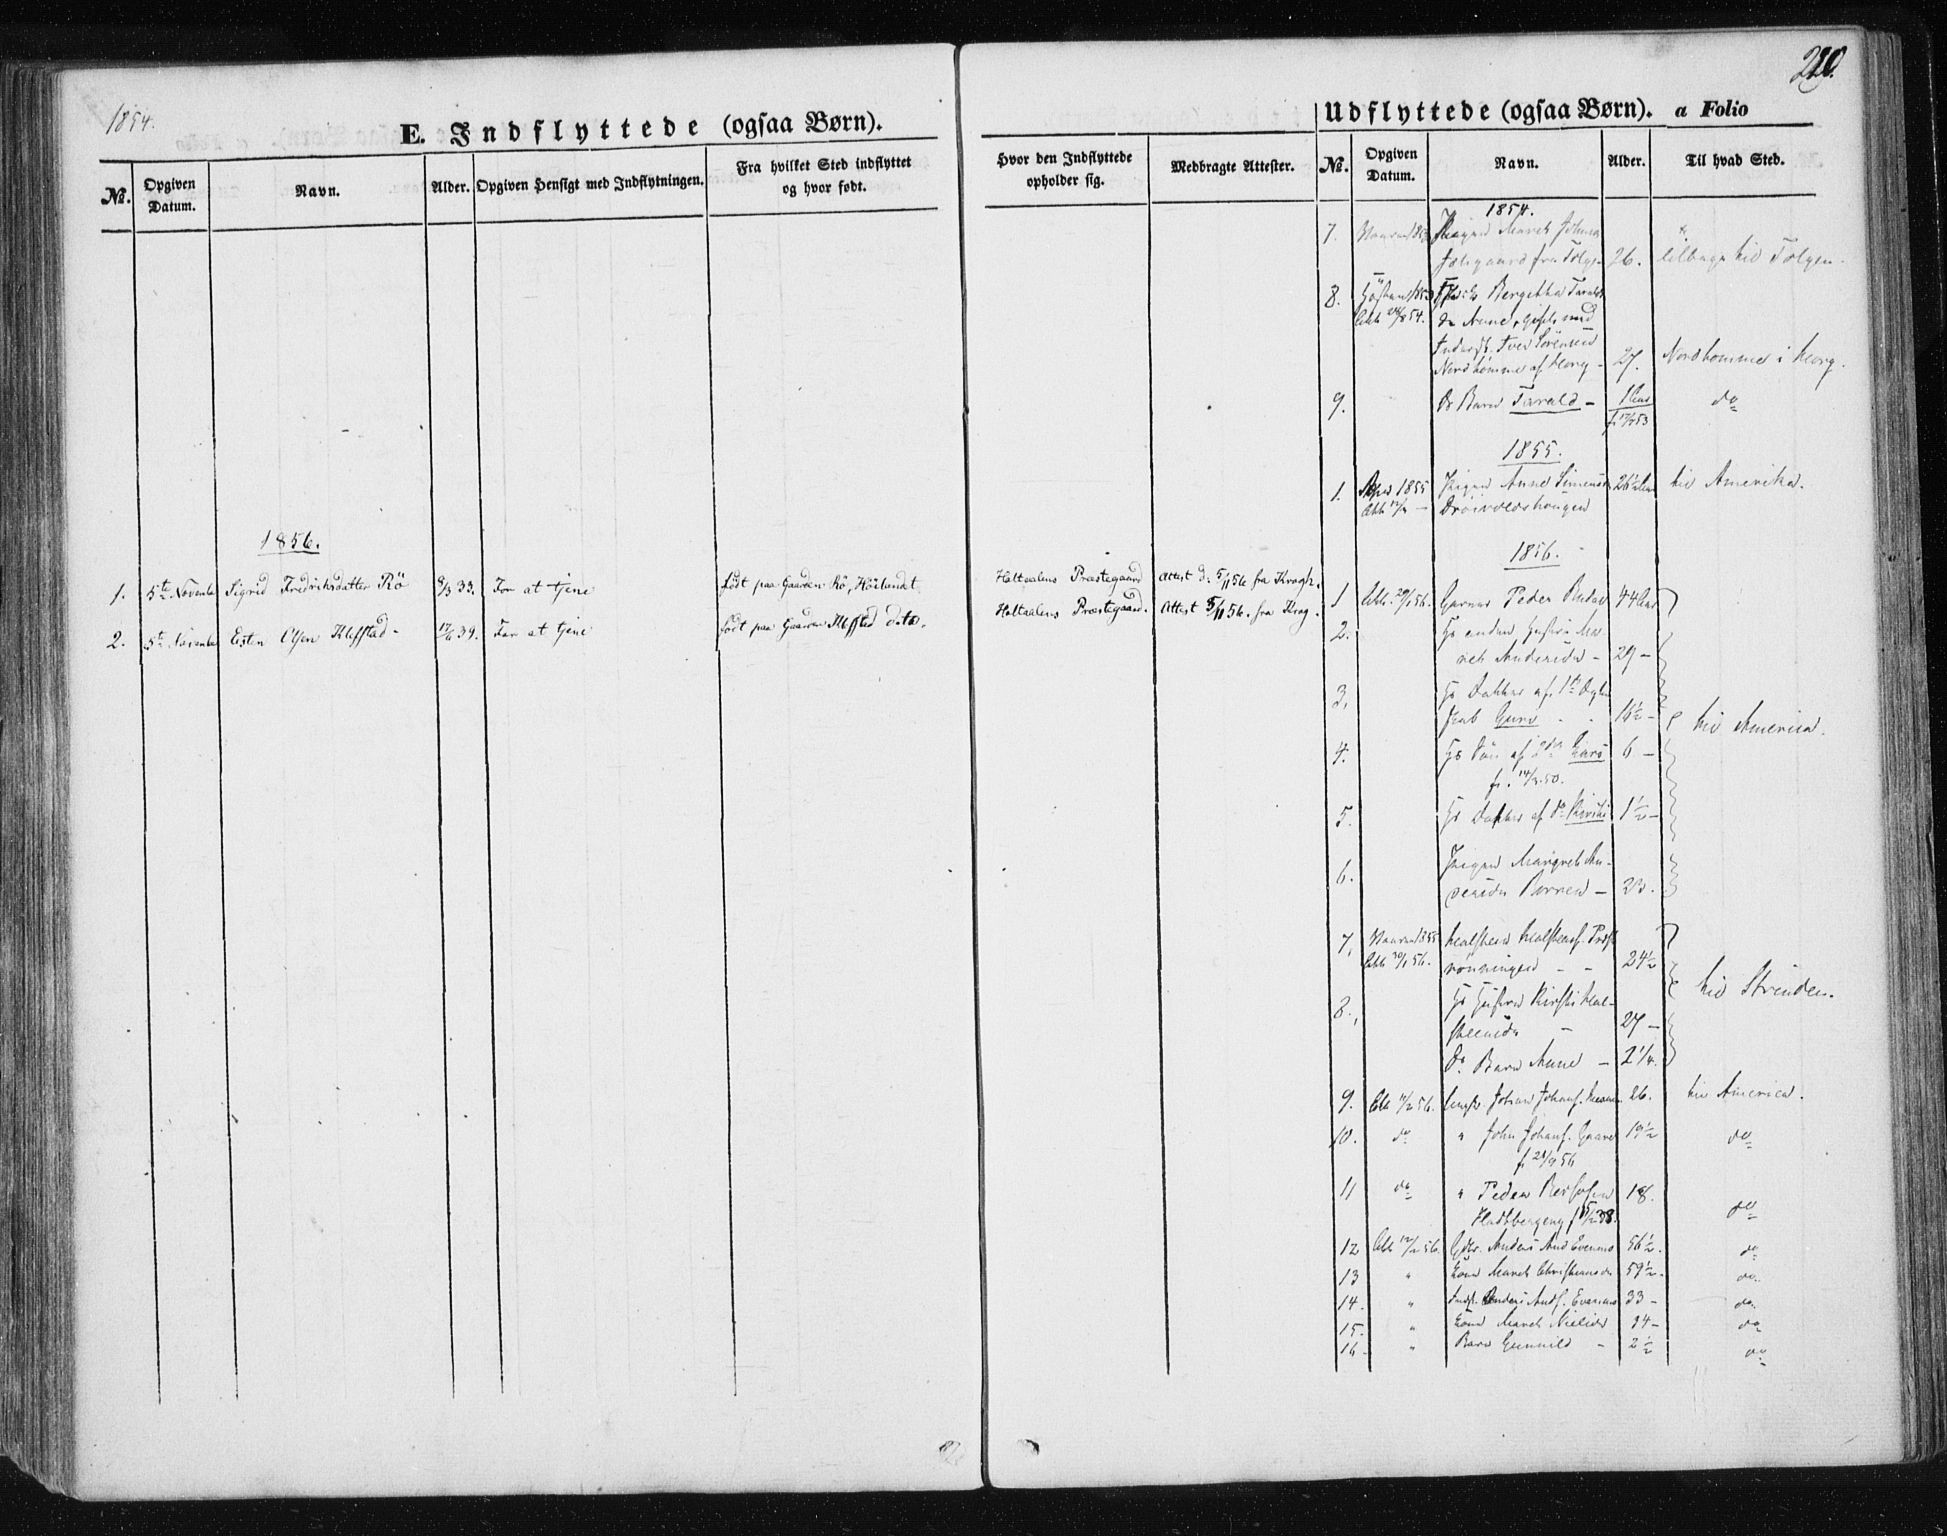 SAT, Ministerialprotokoller, klokkerbøker og fødselsregistre - Sør-Trøndelag, 685/L0963: Ministerialbok nr. 685A06 /1, 1846-1859, s. 220